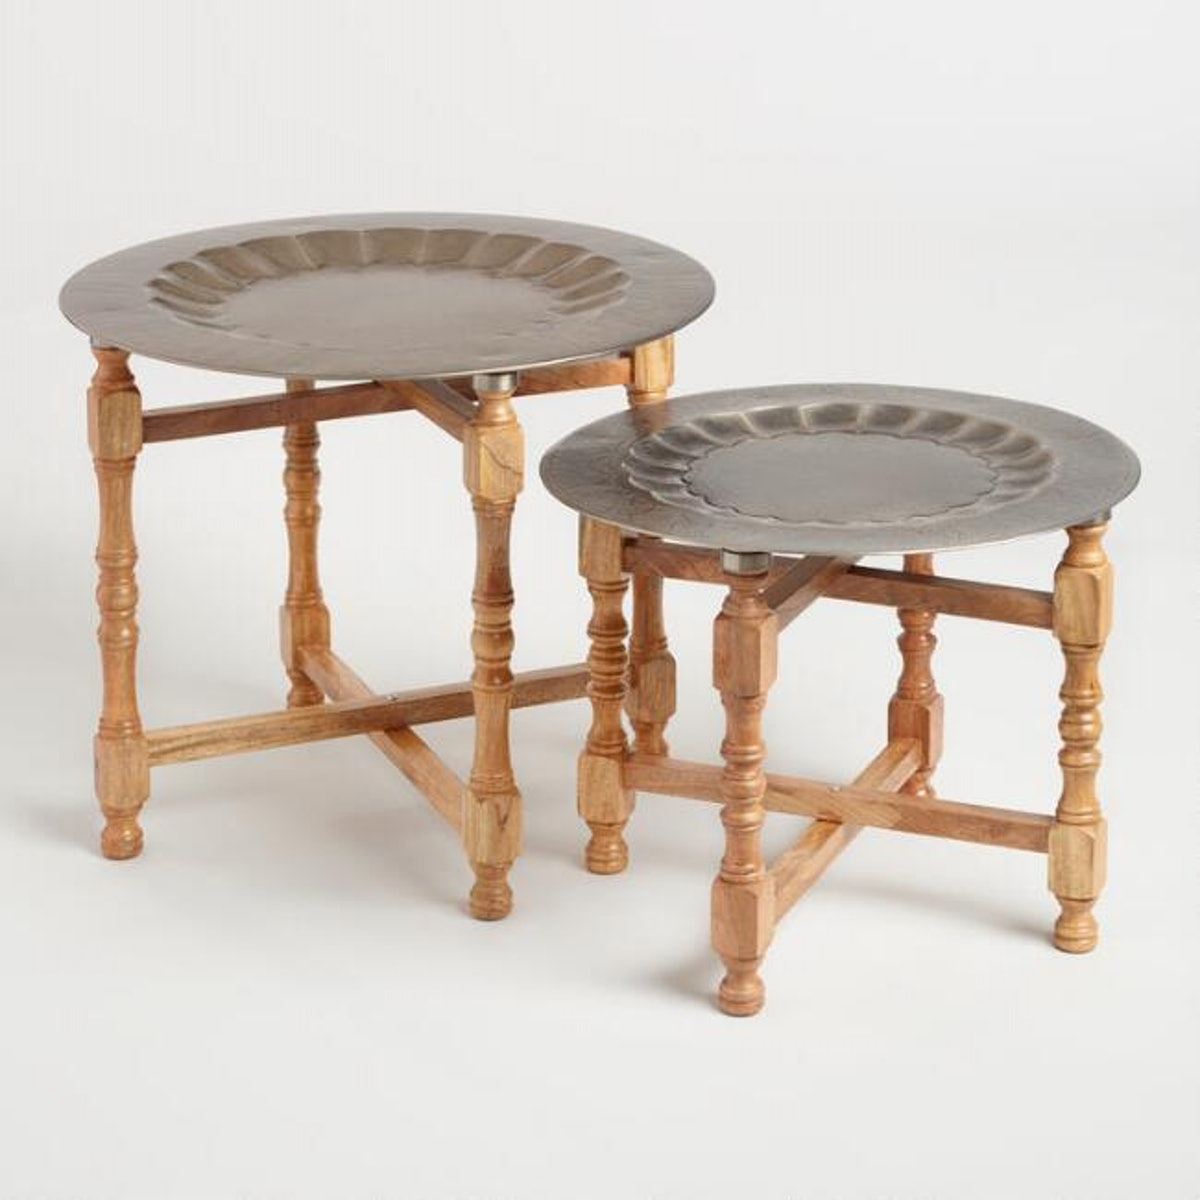 Metal And Wood Arya Table Set Of 2